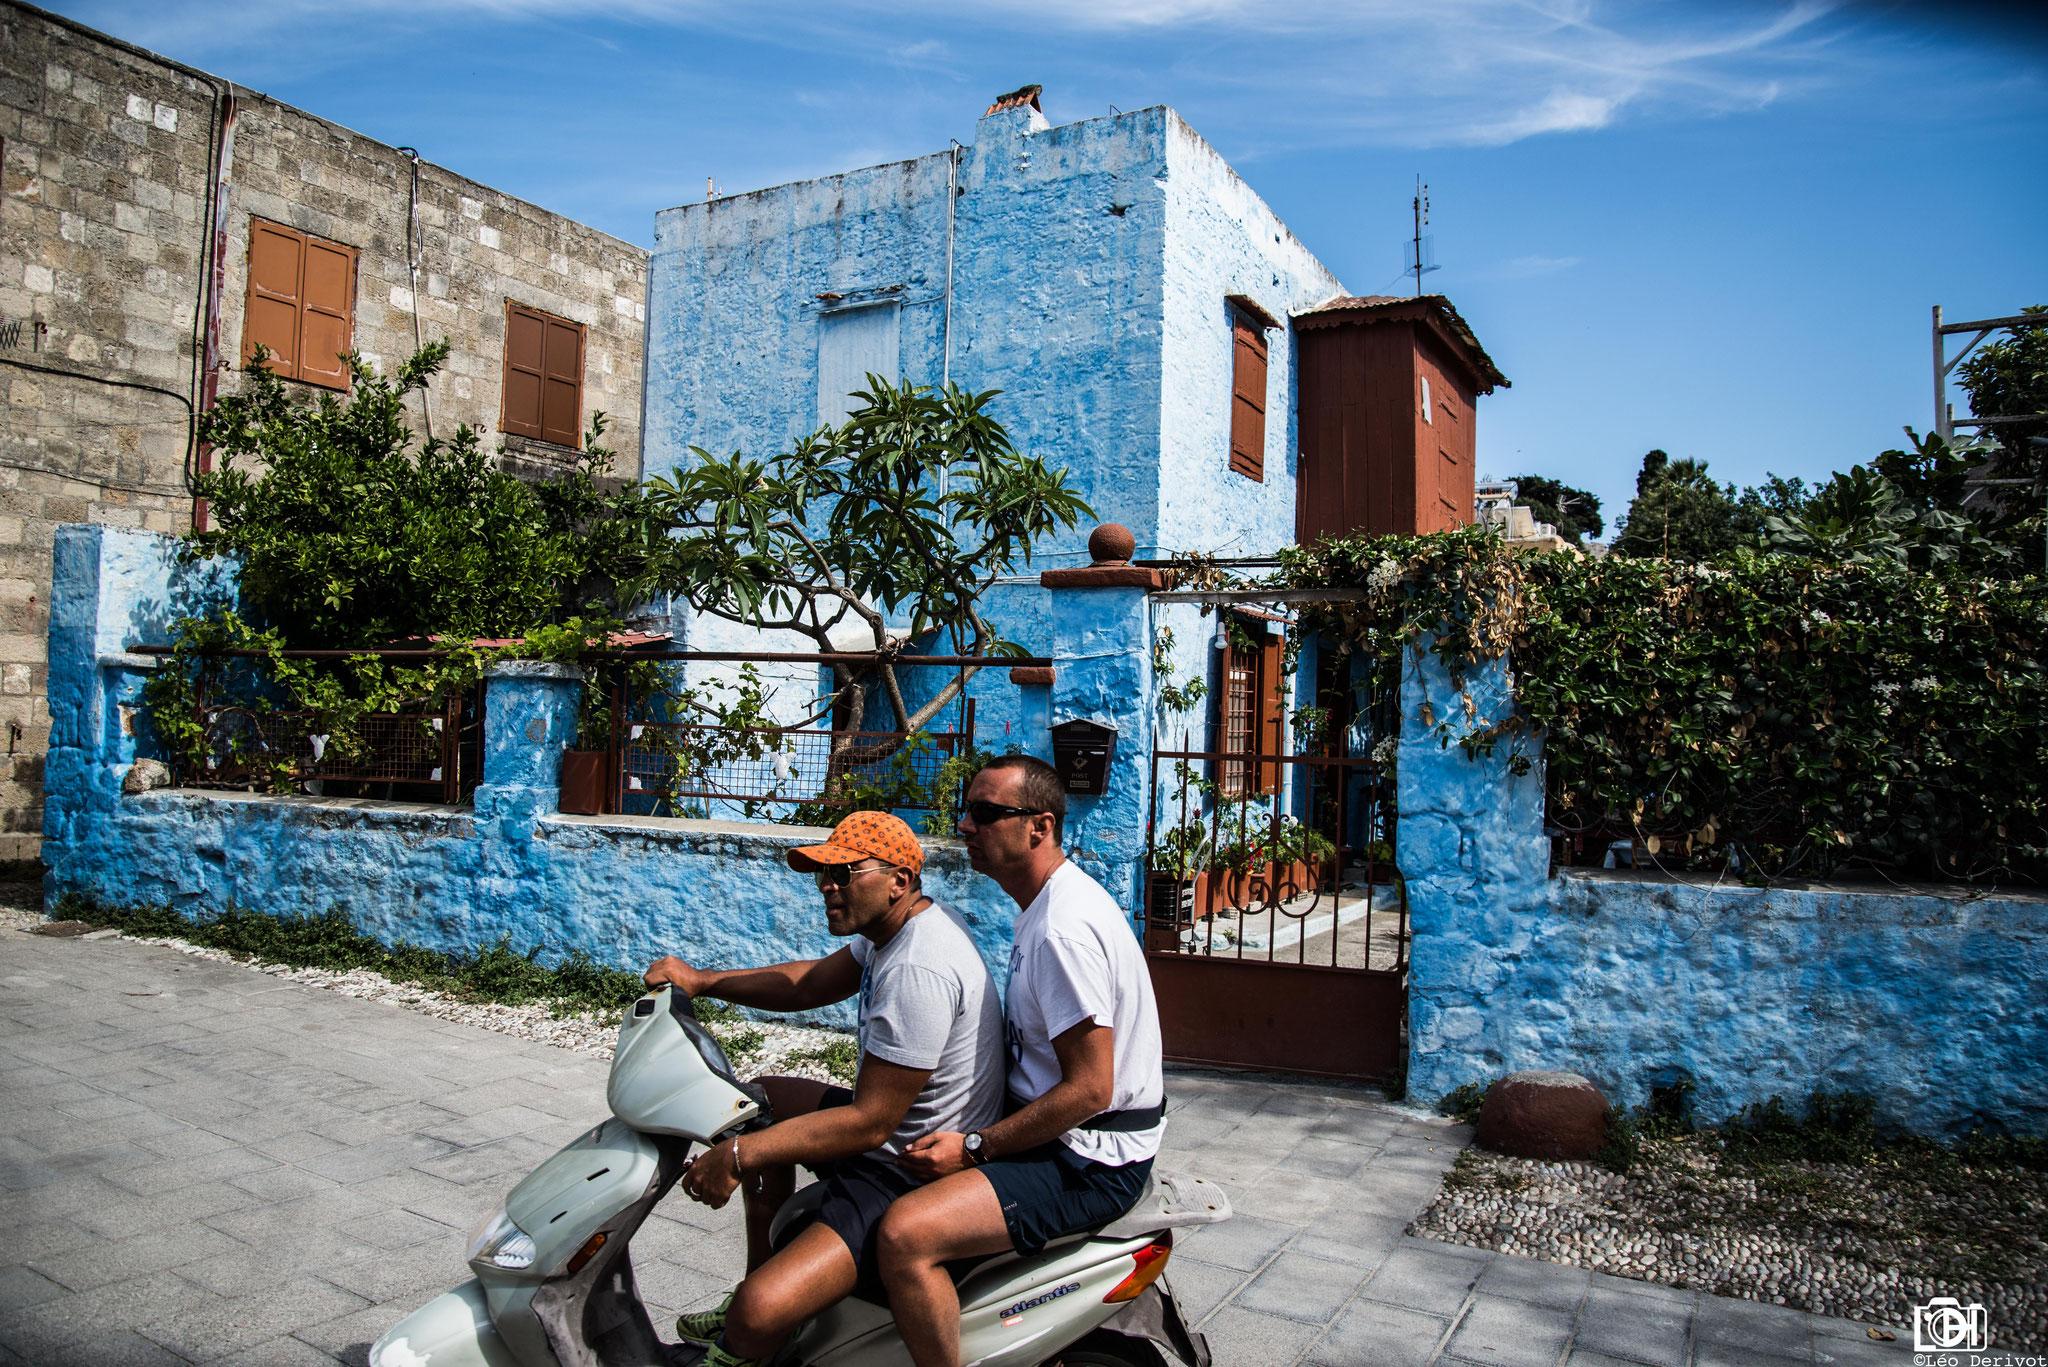 Hommes au scooter, Grèce, 2016